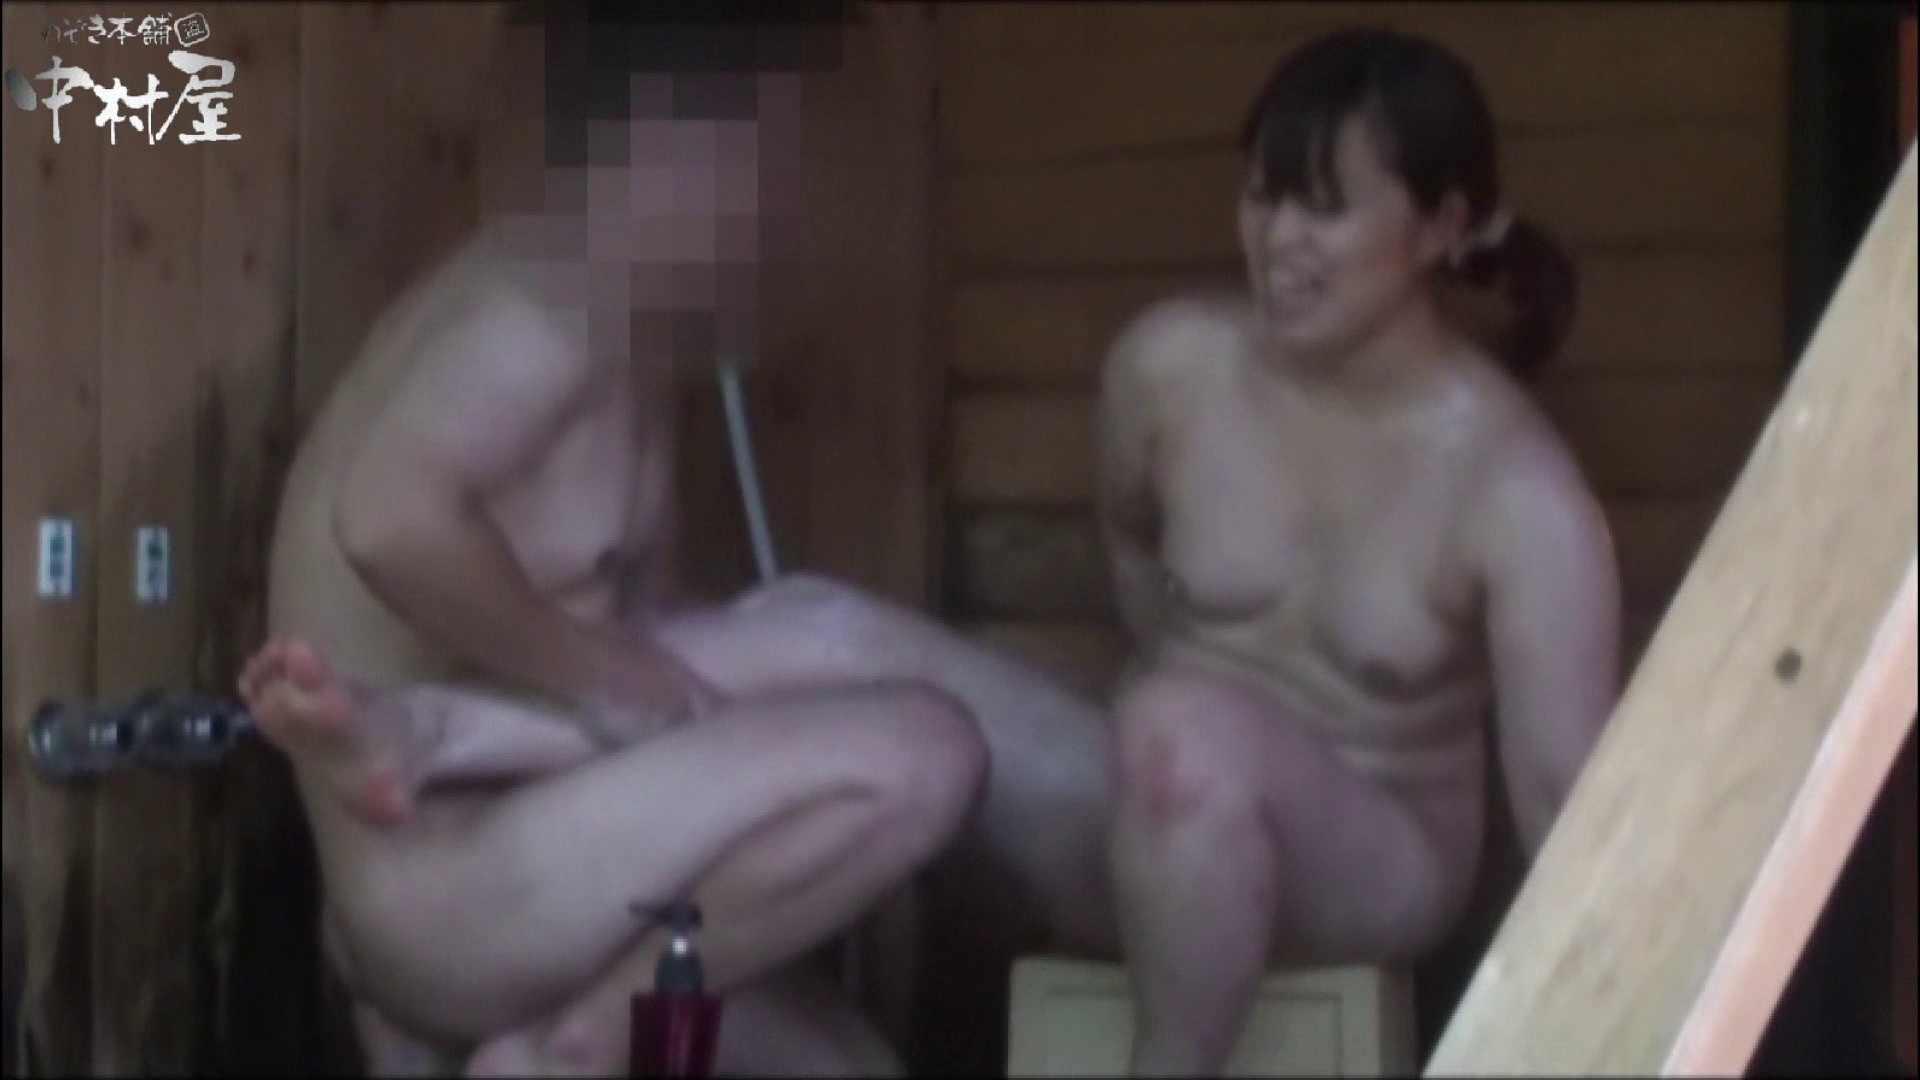 貸切露天 発情カップル! vol.03 露天風呂突入 | モロだしオマンコ  85pic 64